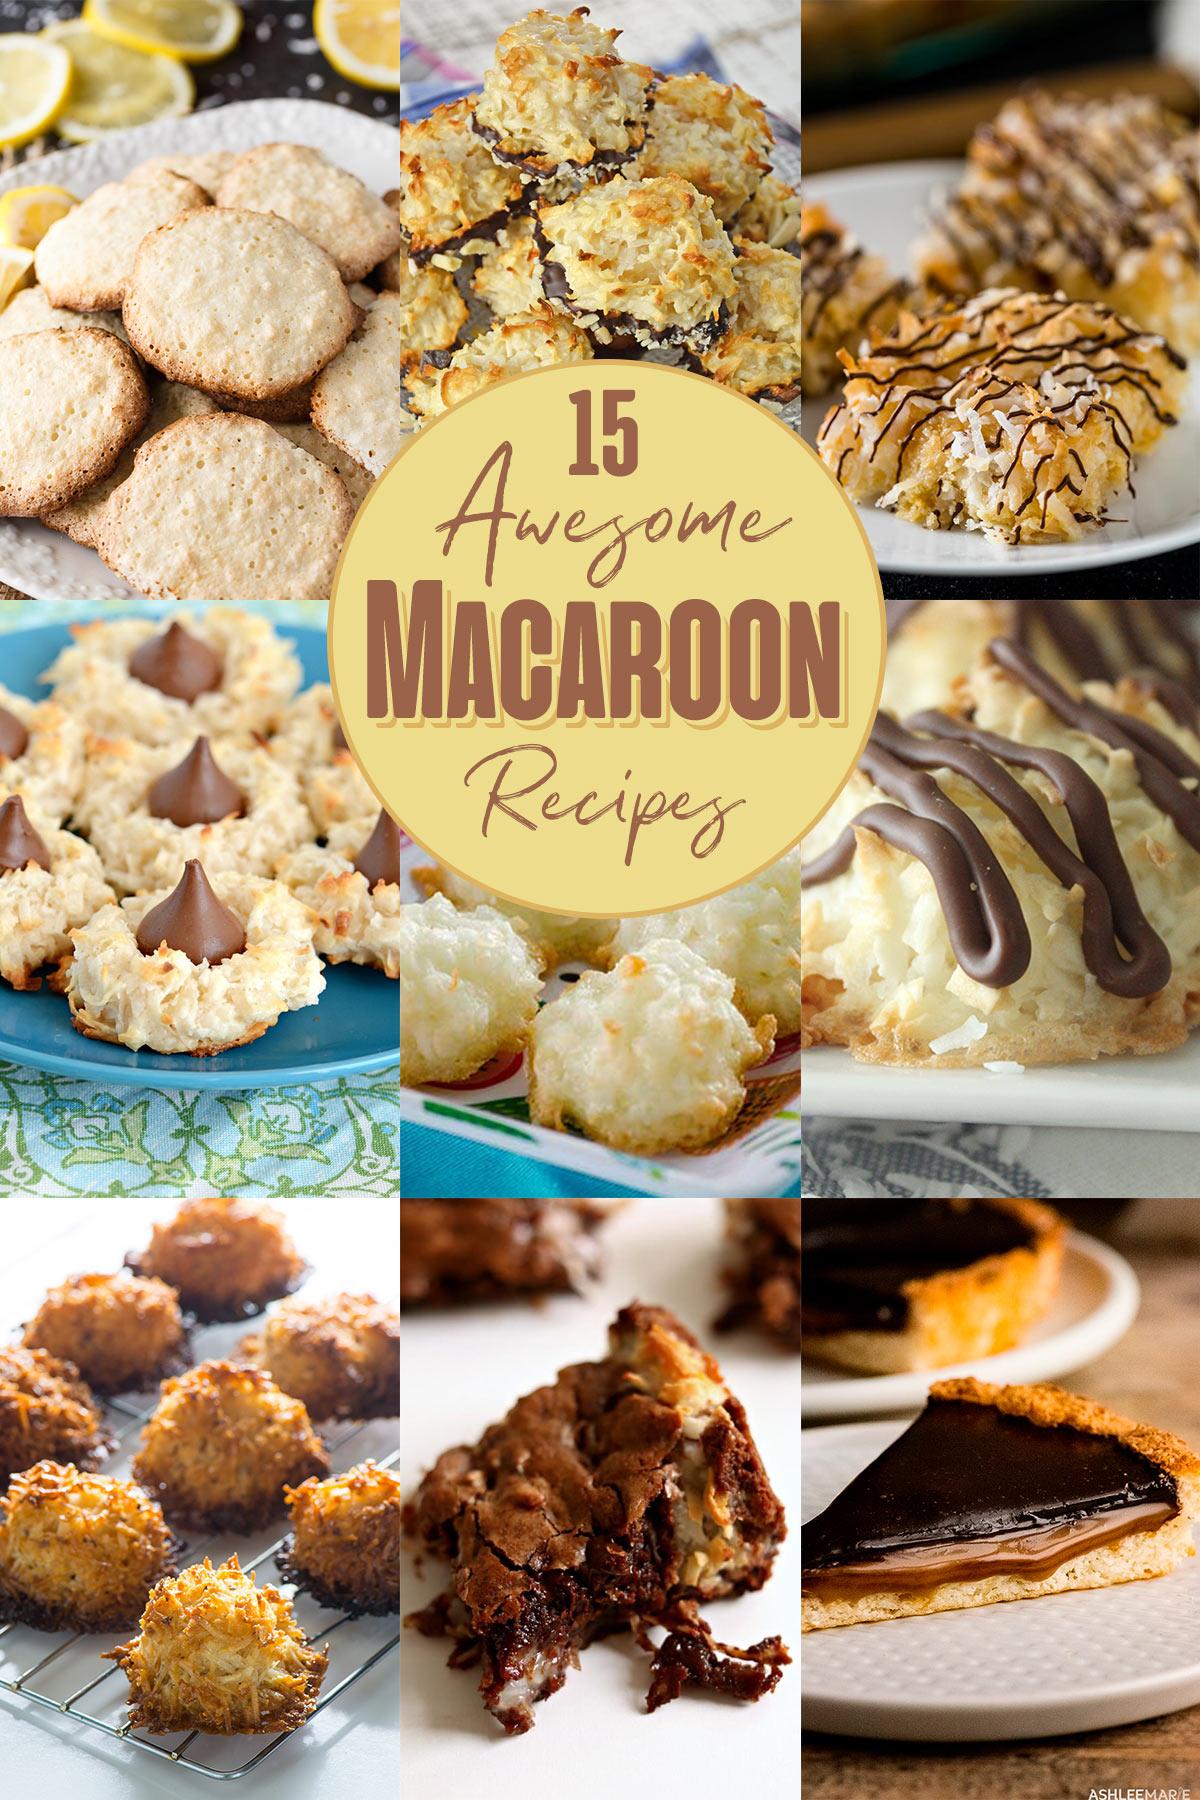 macaroon-roundup-graphic